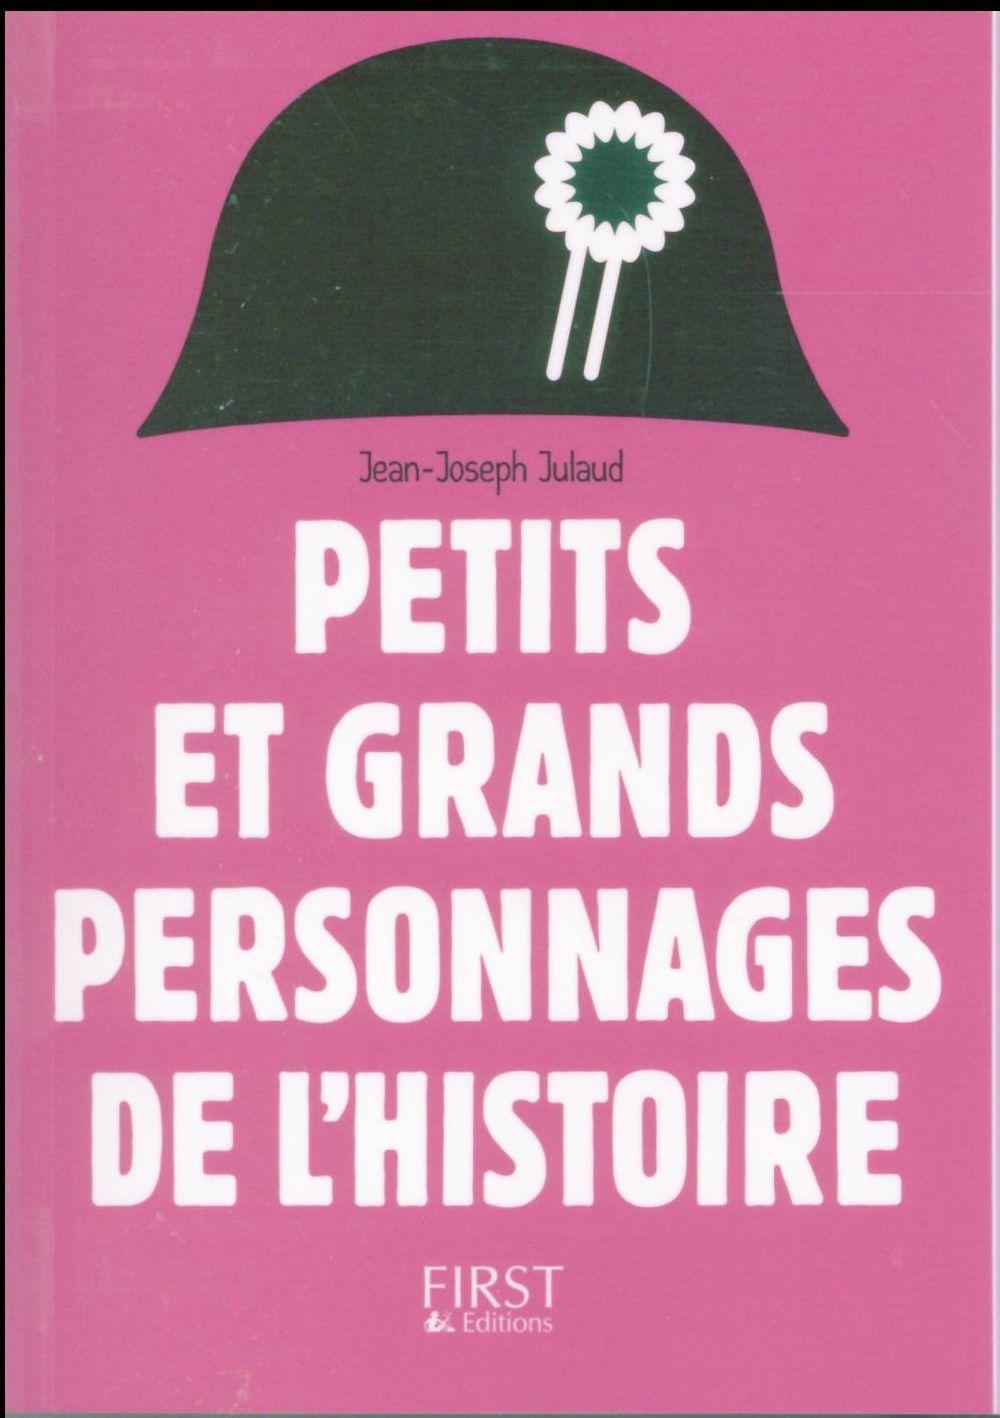 PETIT LIVRE DE - PETITS ET GRANDS PERSONNAGES DE L'HISTOIRE DE FRANCE, 2E Julaud Jean-Joseph First Editions